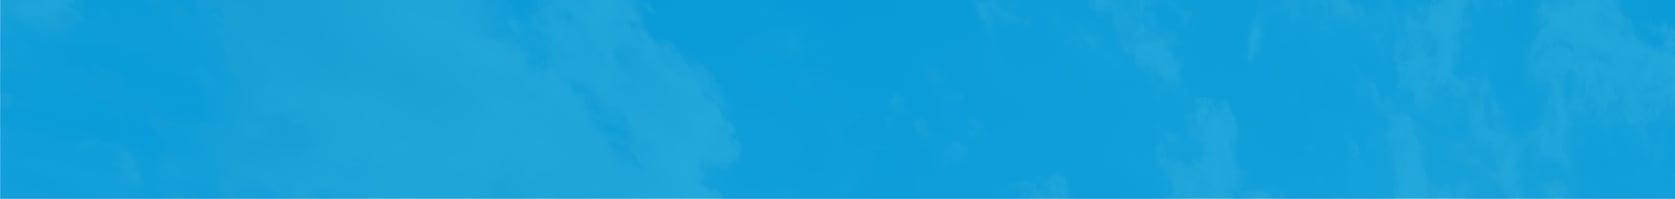 Perma-Zyme BKG Header_V01_Top Blue_cropped